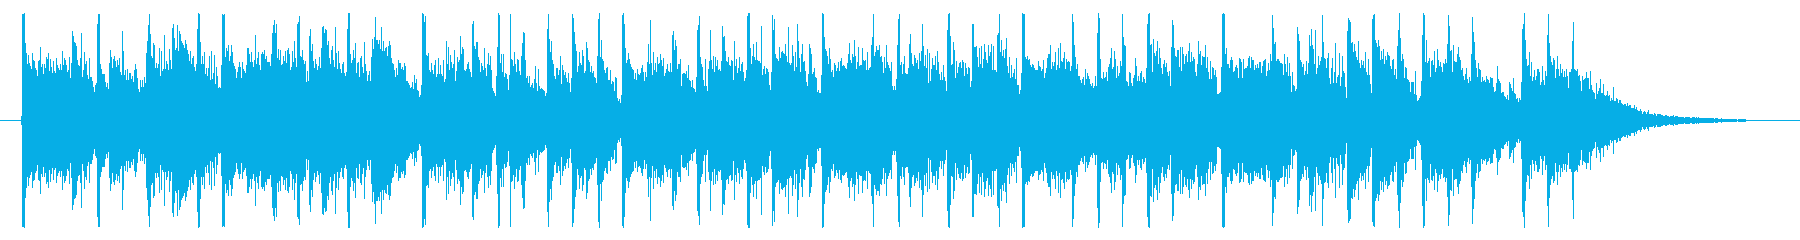 16秒程度のジングルの再生済みの波形